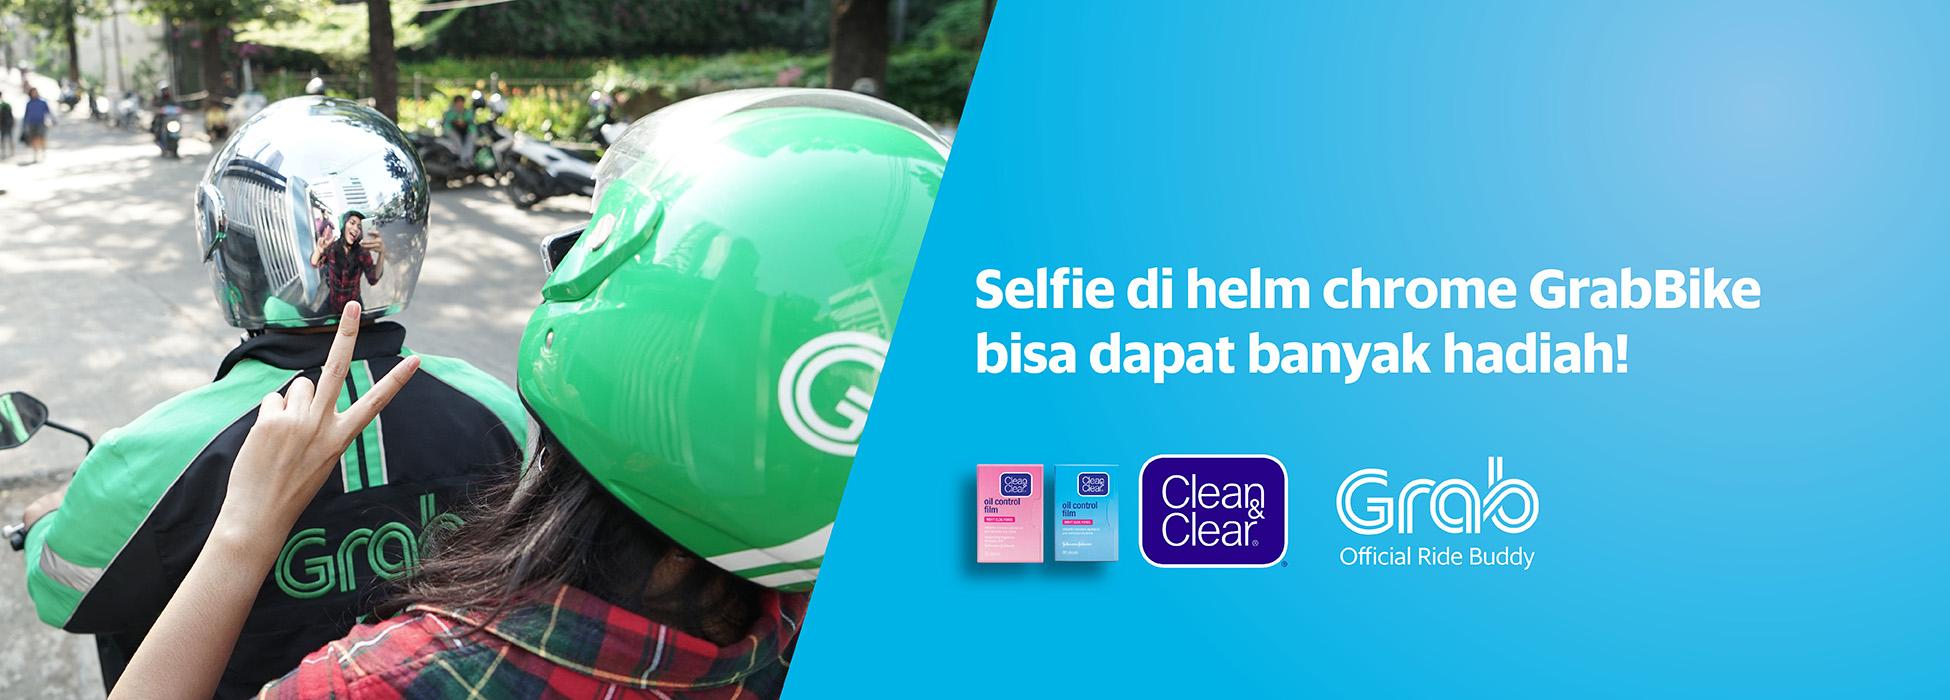 Kode Promo Grab - Yuk Selfie Di Helm GrabBike!